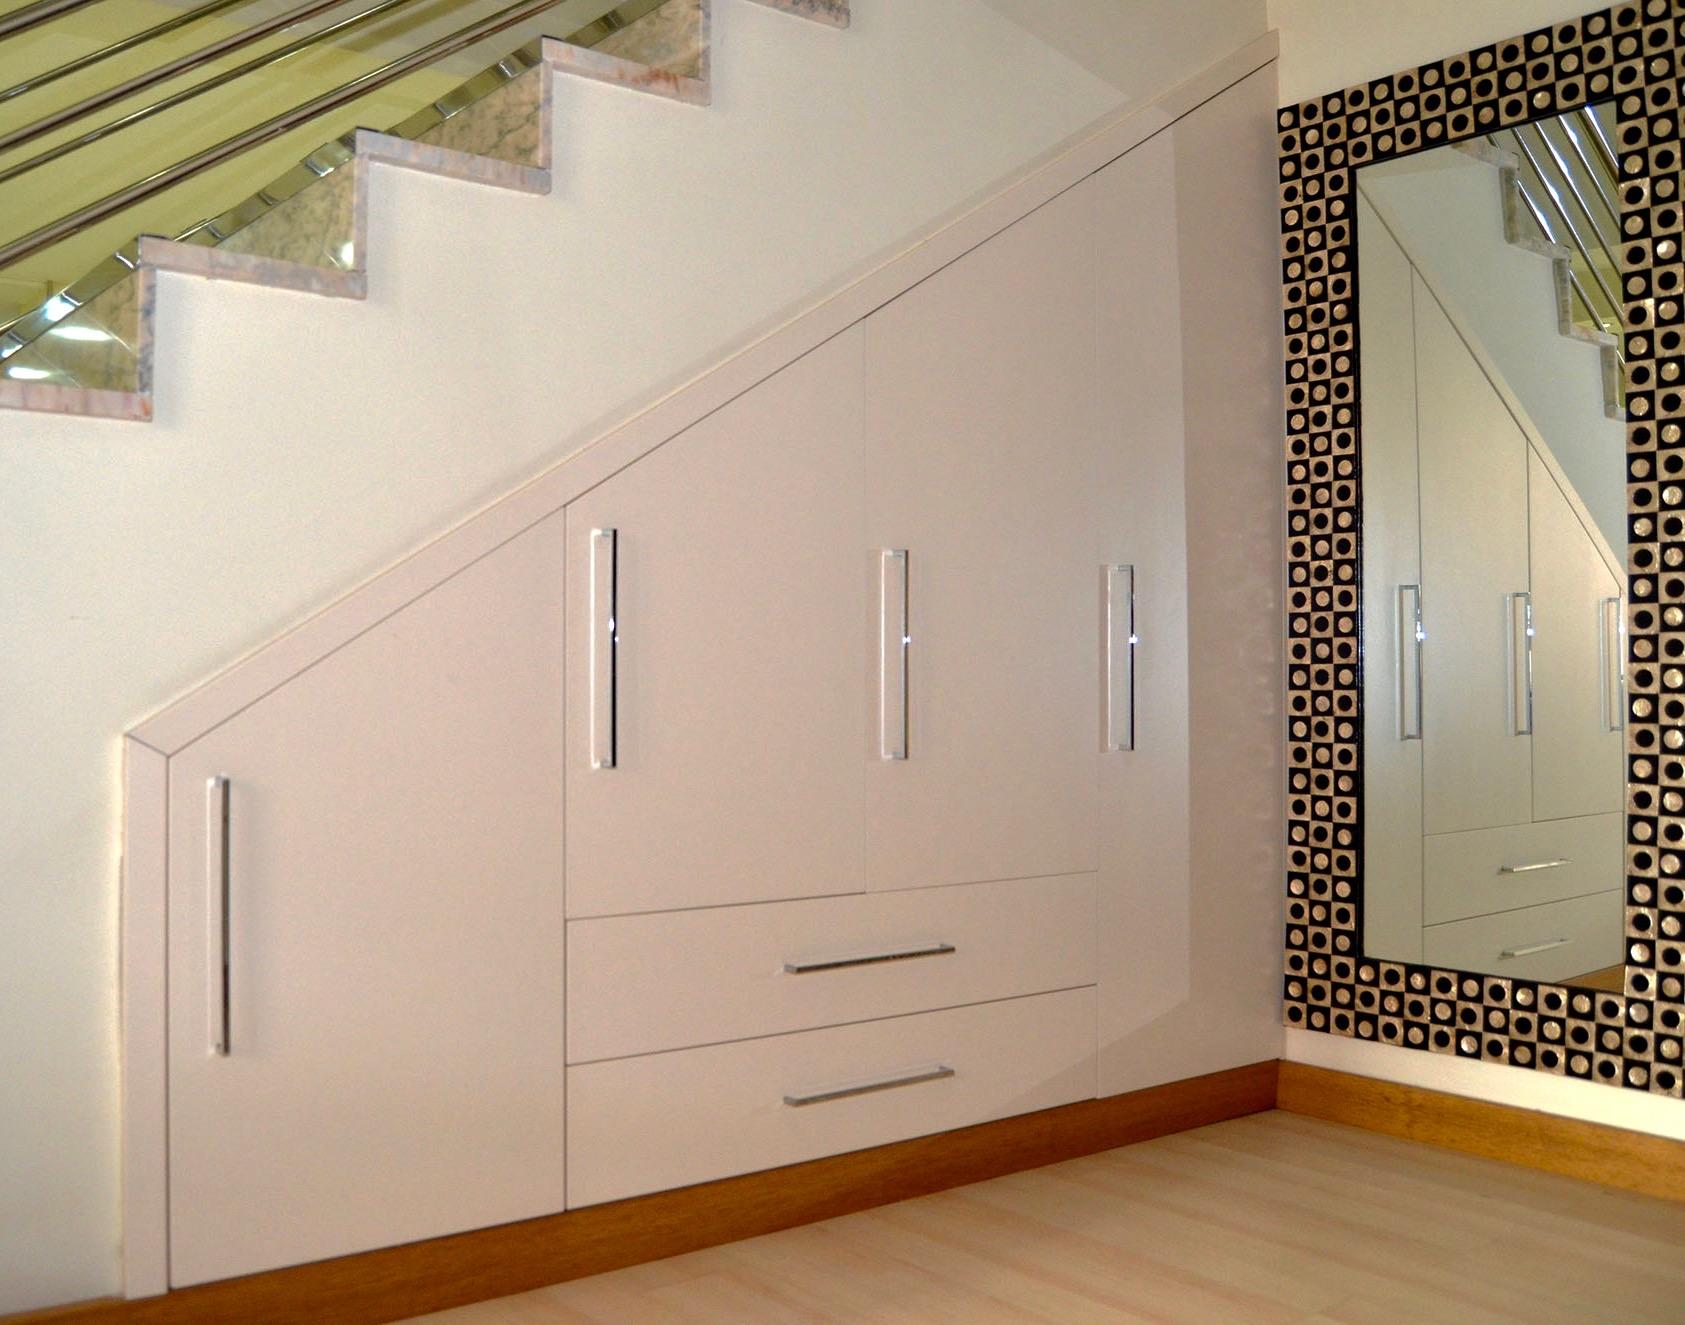 Armario quality 03 josman hermanos tienda de muebles de cocina y ba o en santander tienda de - Tiendas de armarios ...